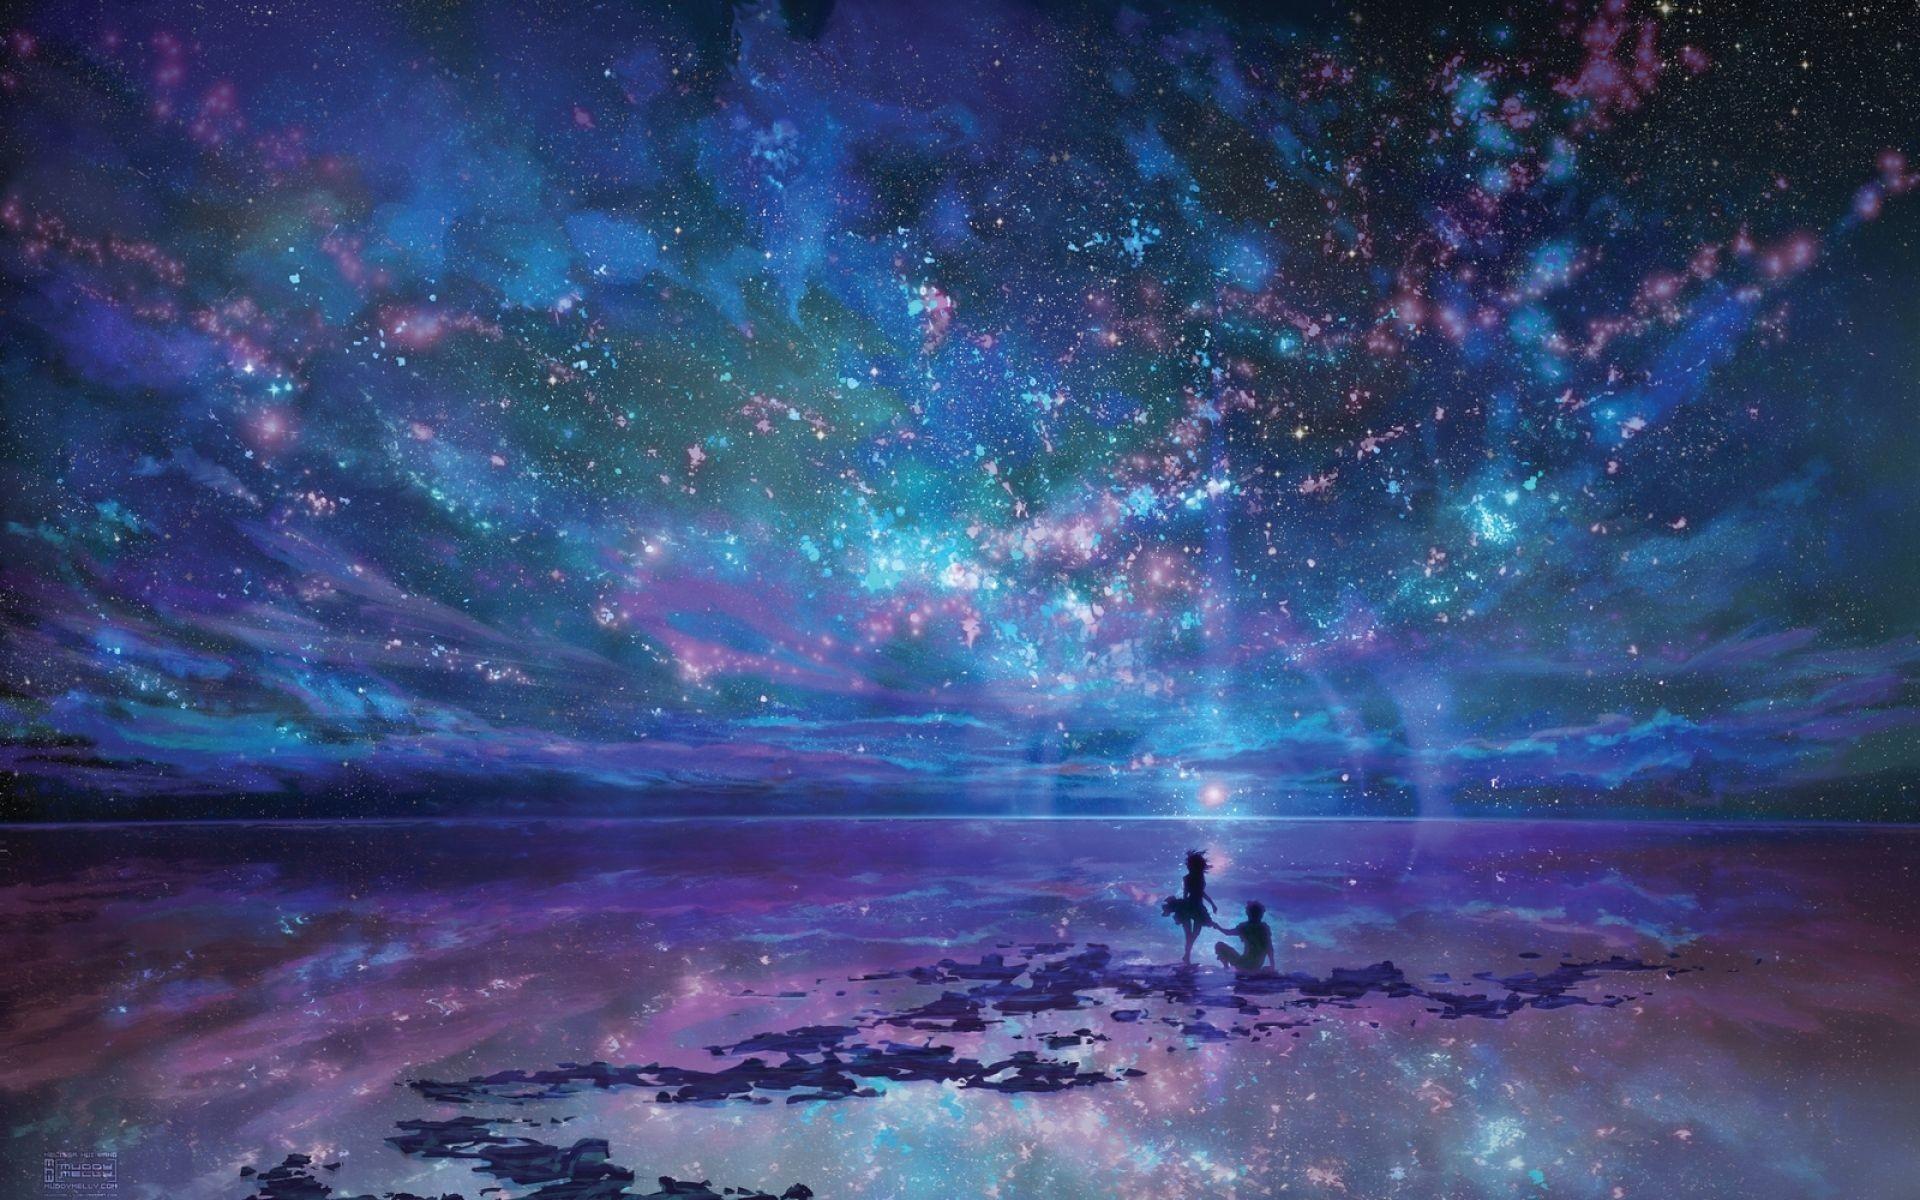 Night Ocean Wallpaper